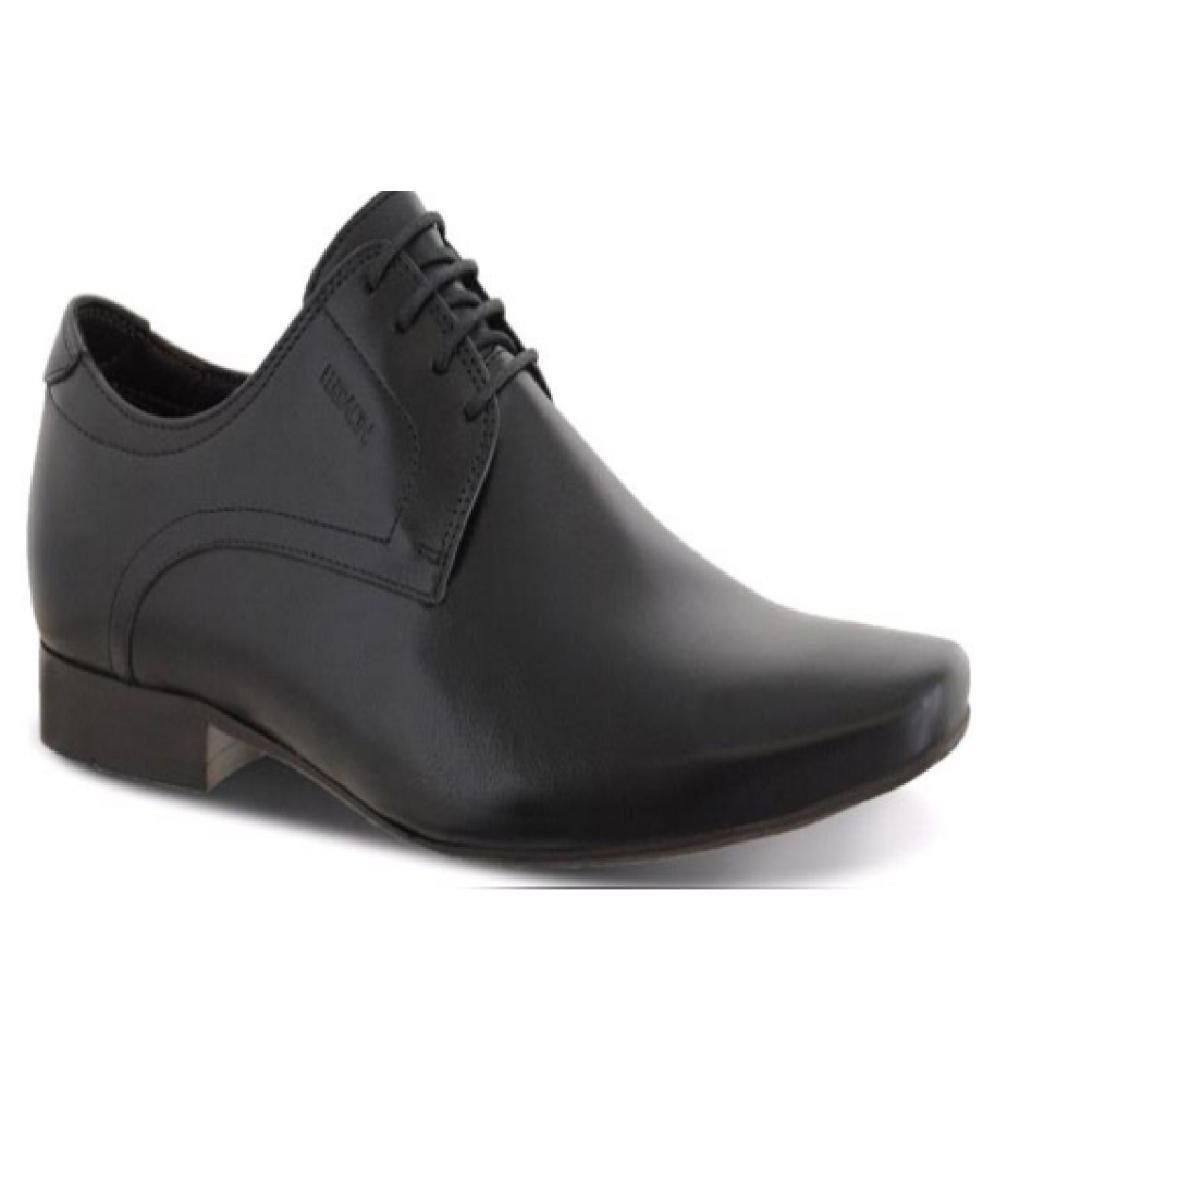 Sapato Masculino Ferracini 5113-593g Preto